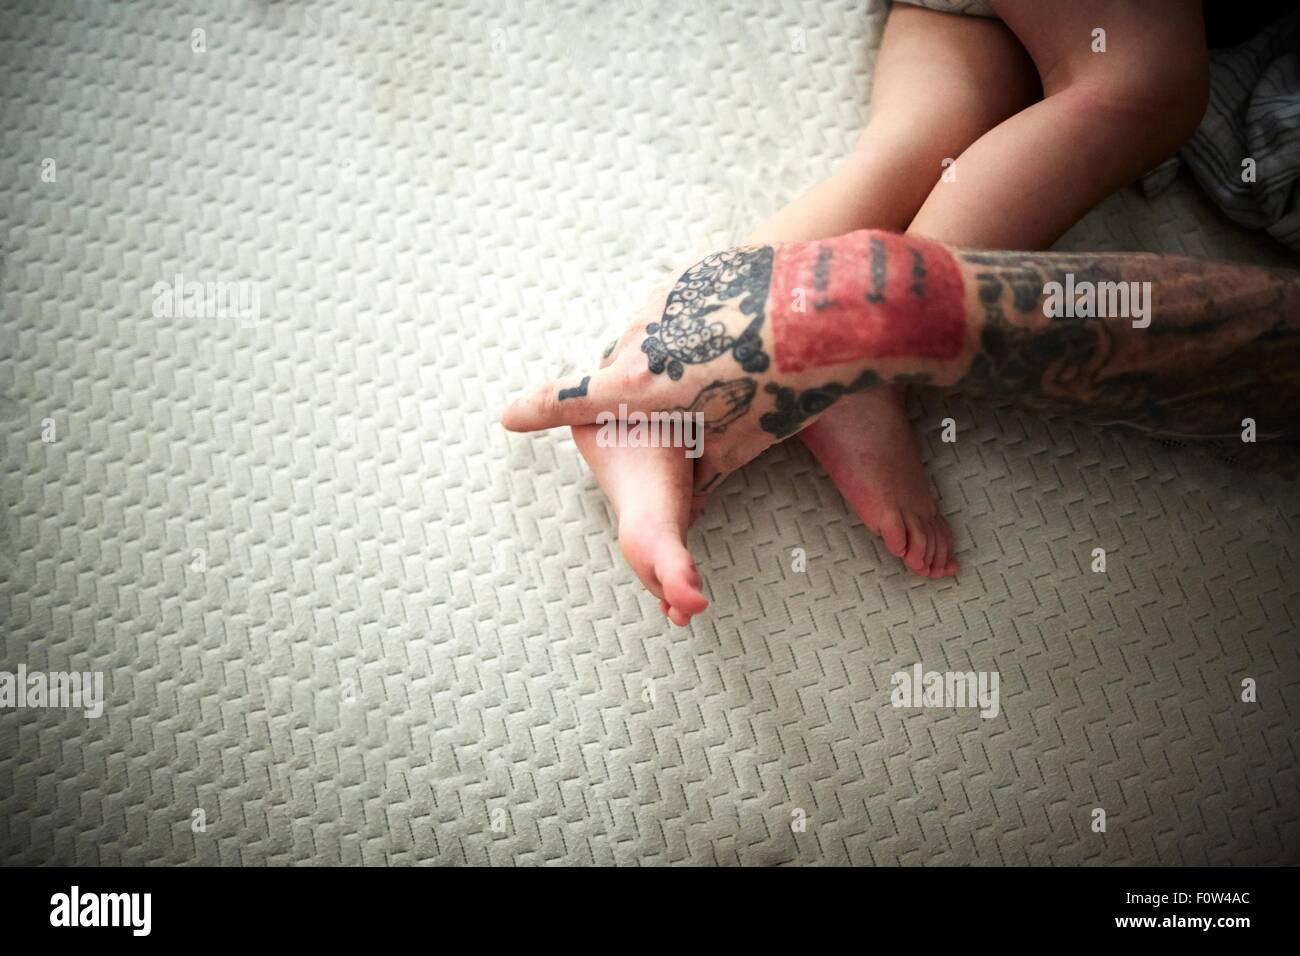 Tätowierte Hand ruht auf der junge Beine Stockbild